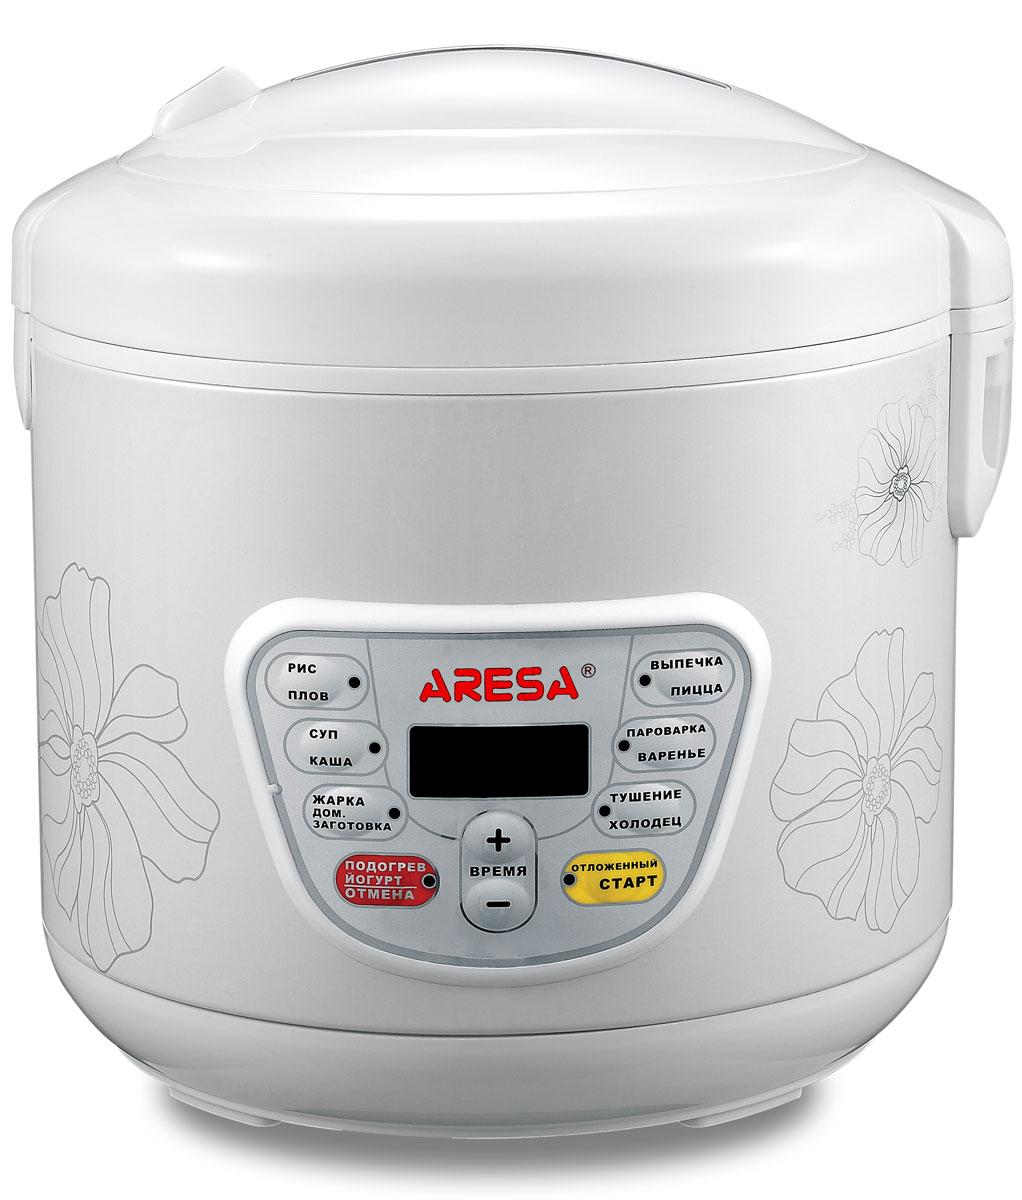 Aresa AR-2001 мультиварка  - купить со скидкой